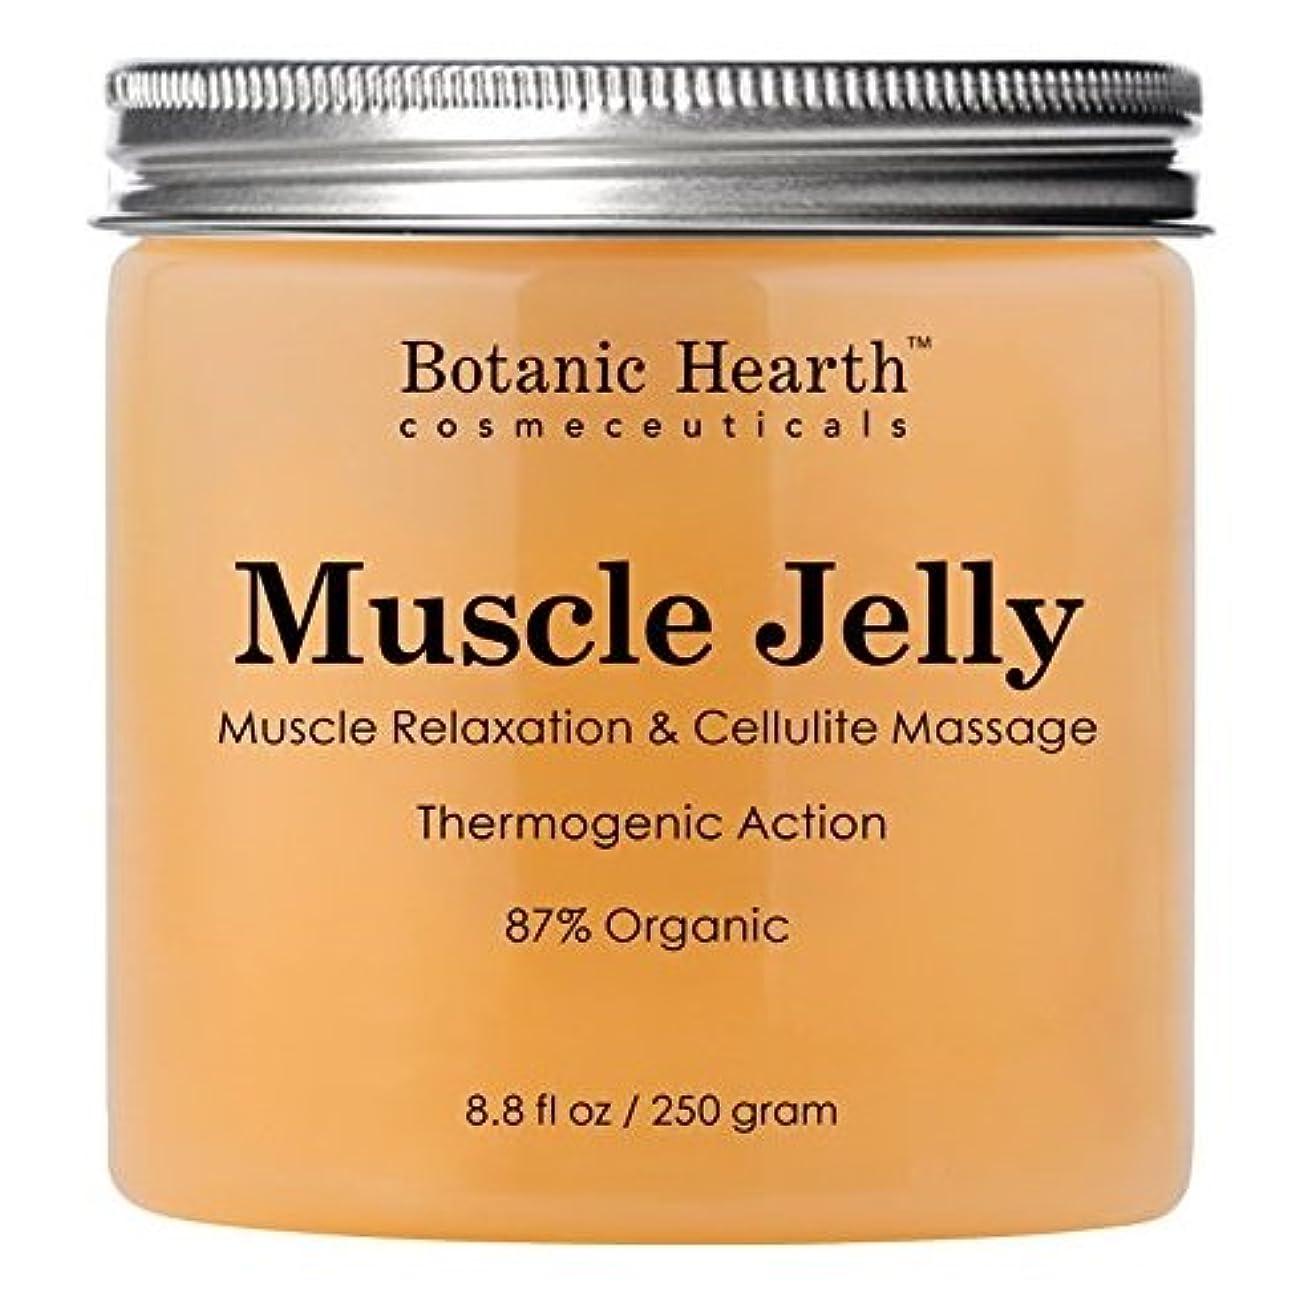 意志に反する扇動するショートカット【2個】【海外直送品】Botanic Hearth Muscle Jelly Hot Cream 8.8 fl. oz.x2個セット